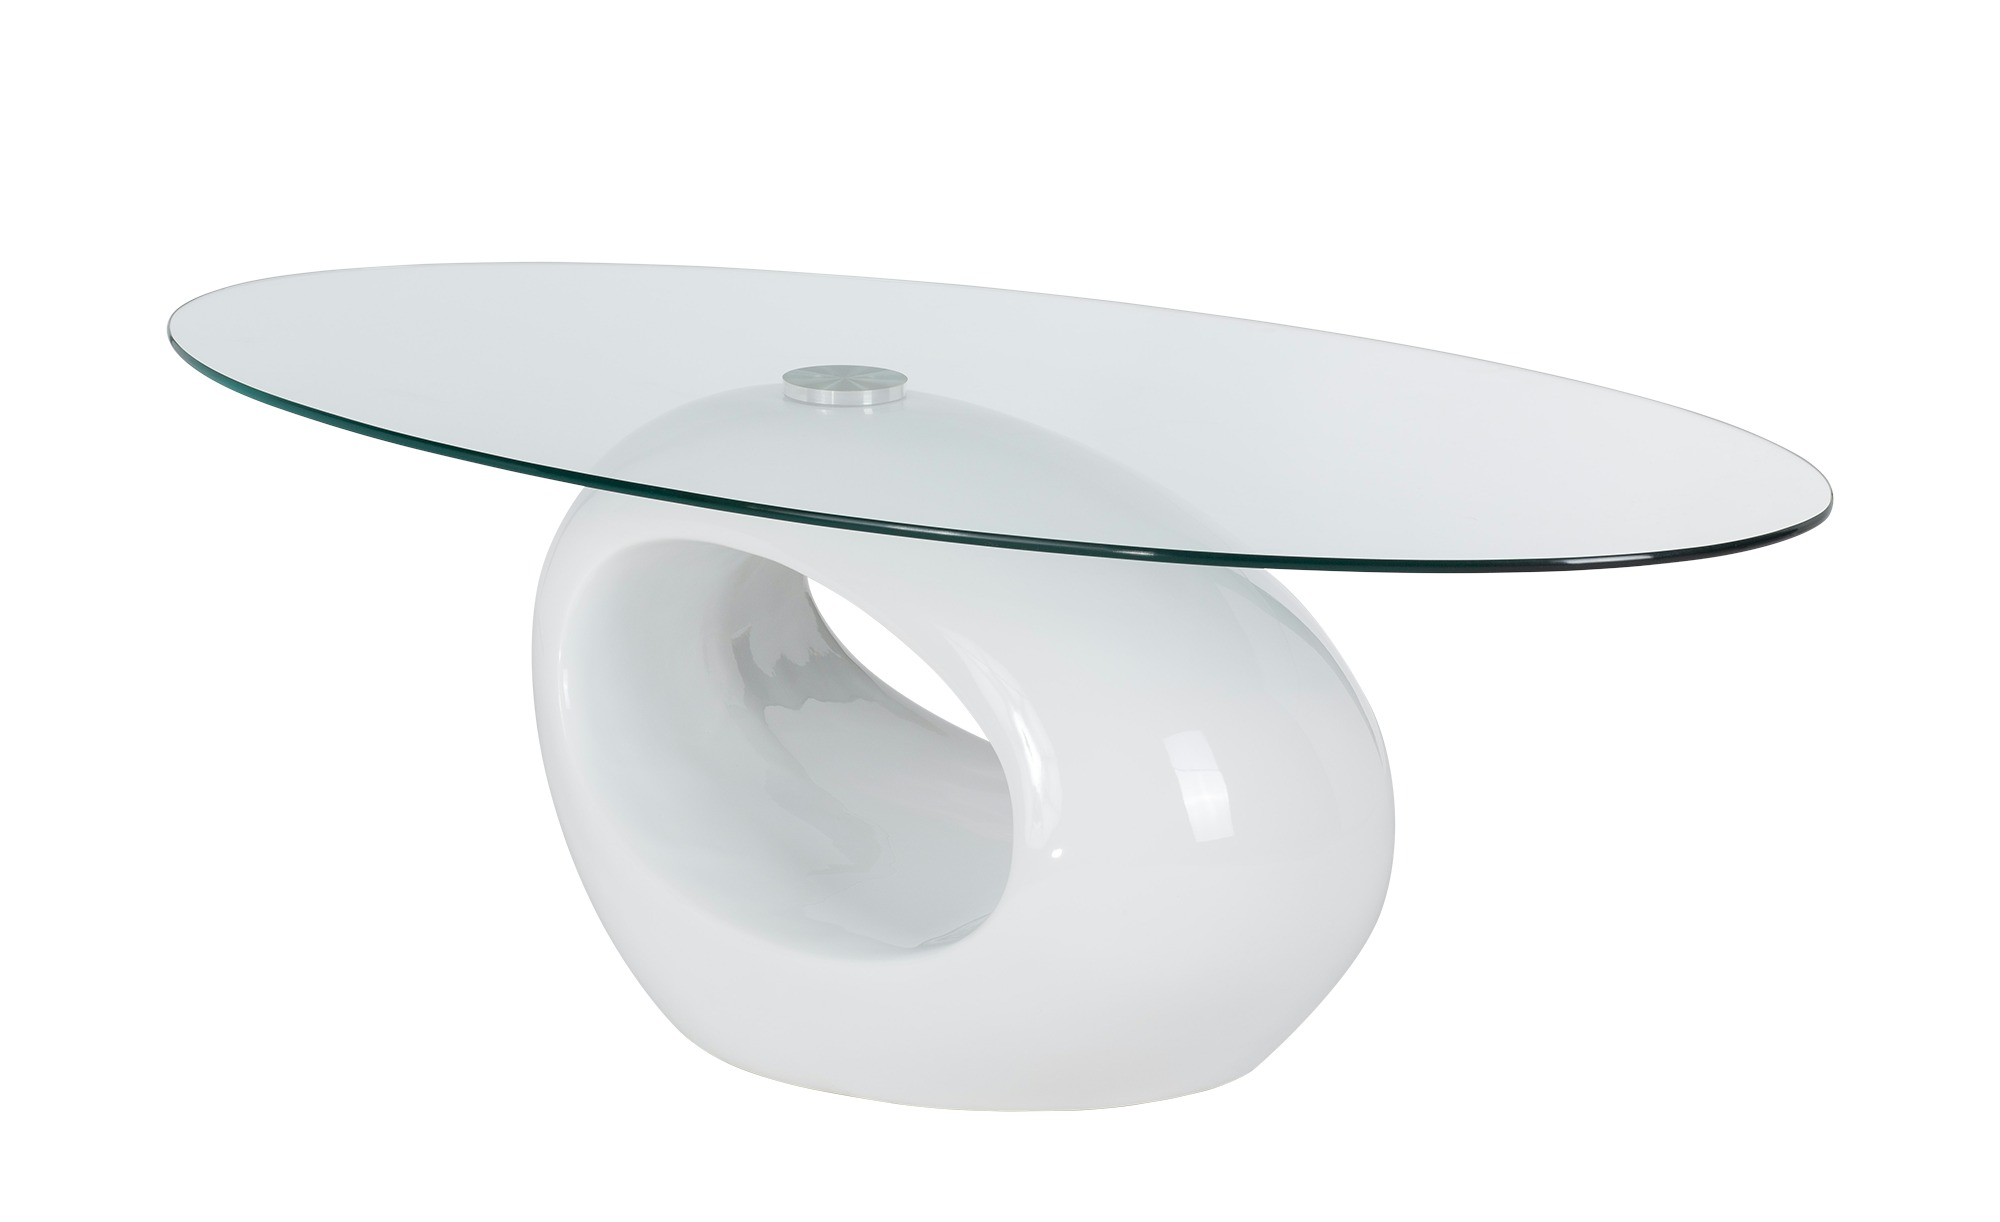 Couchtisch Glas Oval Corsica Mobel Hoffner